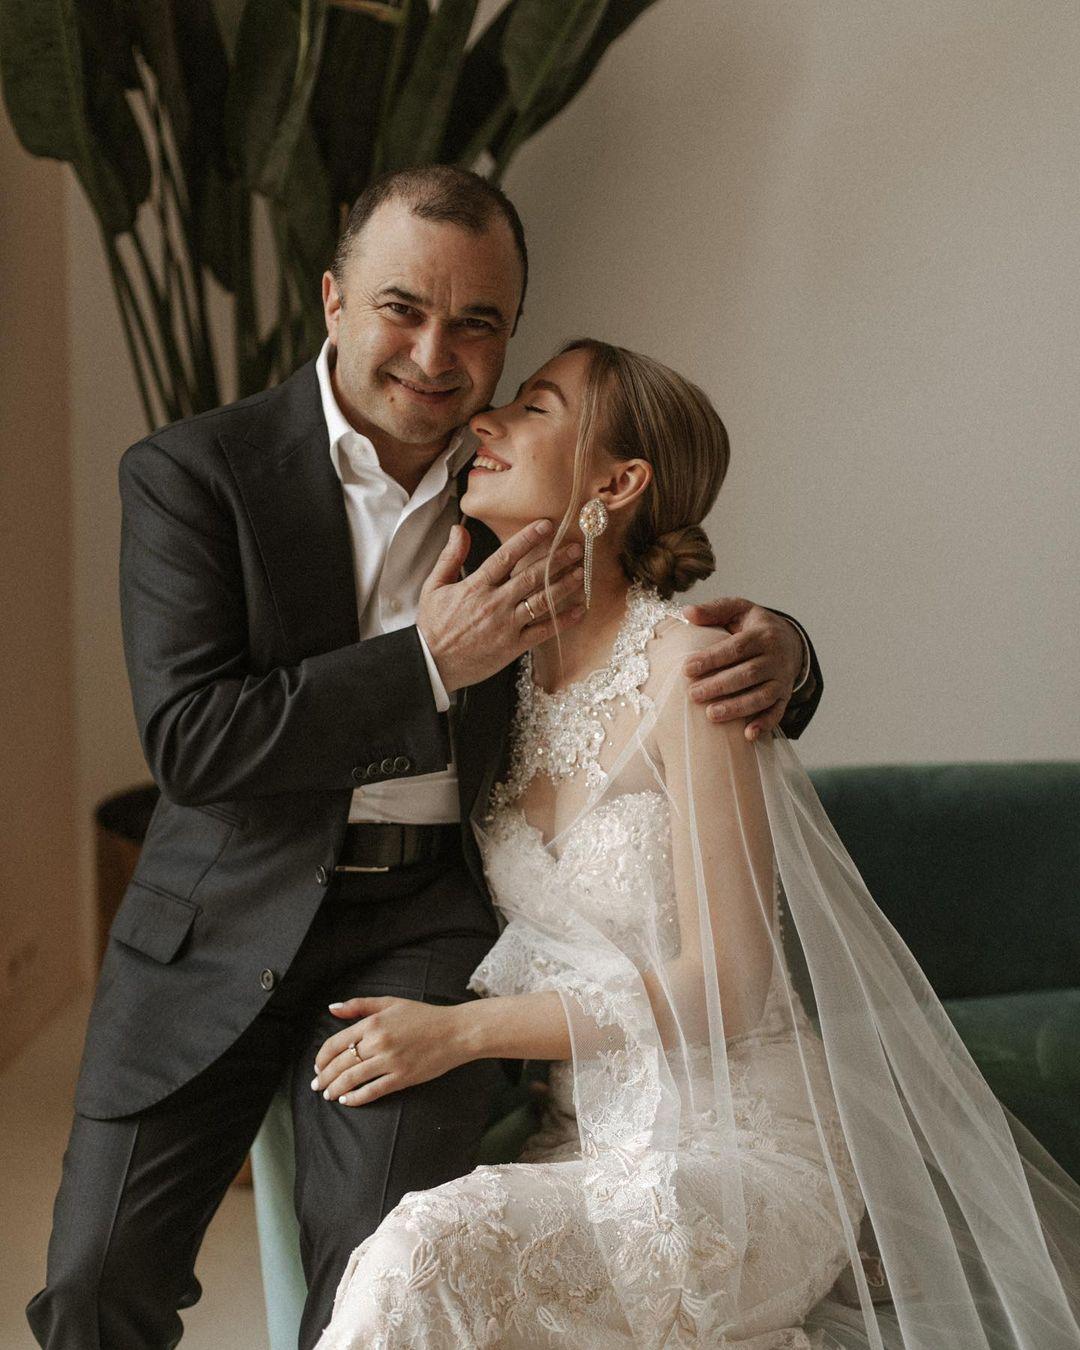 катерина репяхова виктор павлик свадьба свадебное платье белое длинное украинские звезды в чем выходят замуж